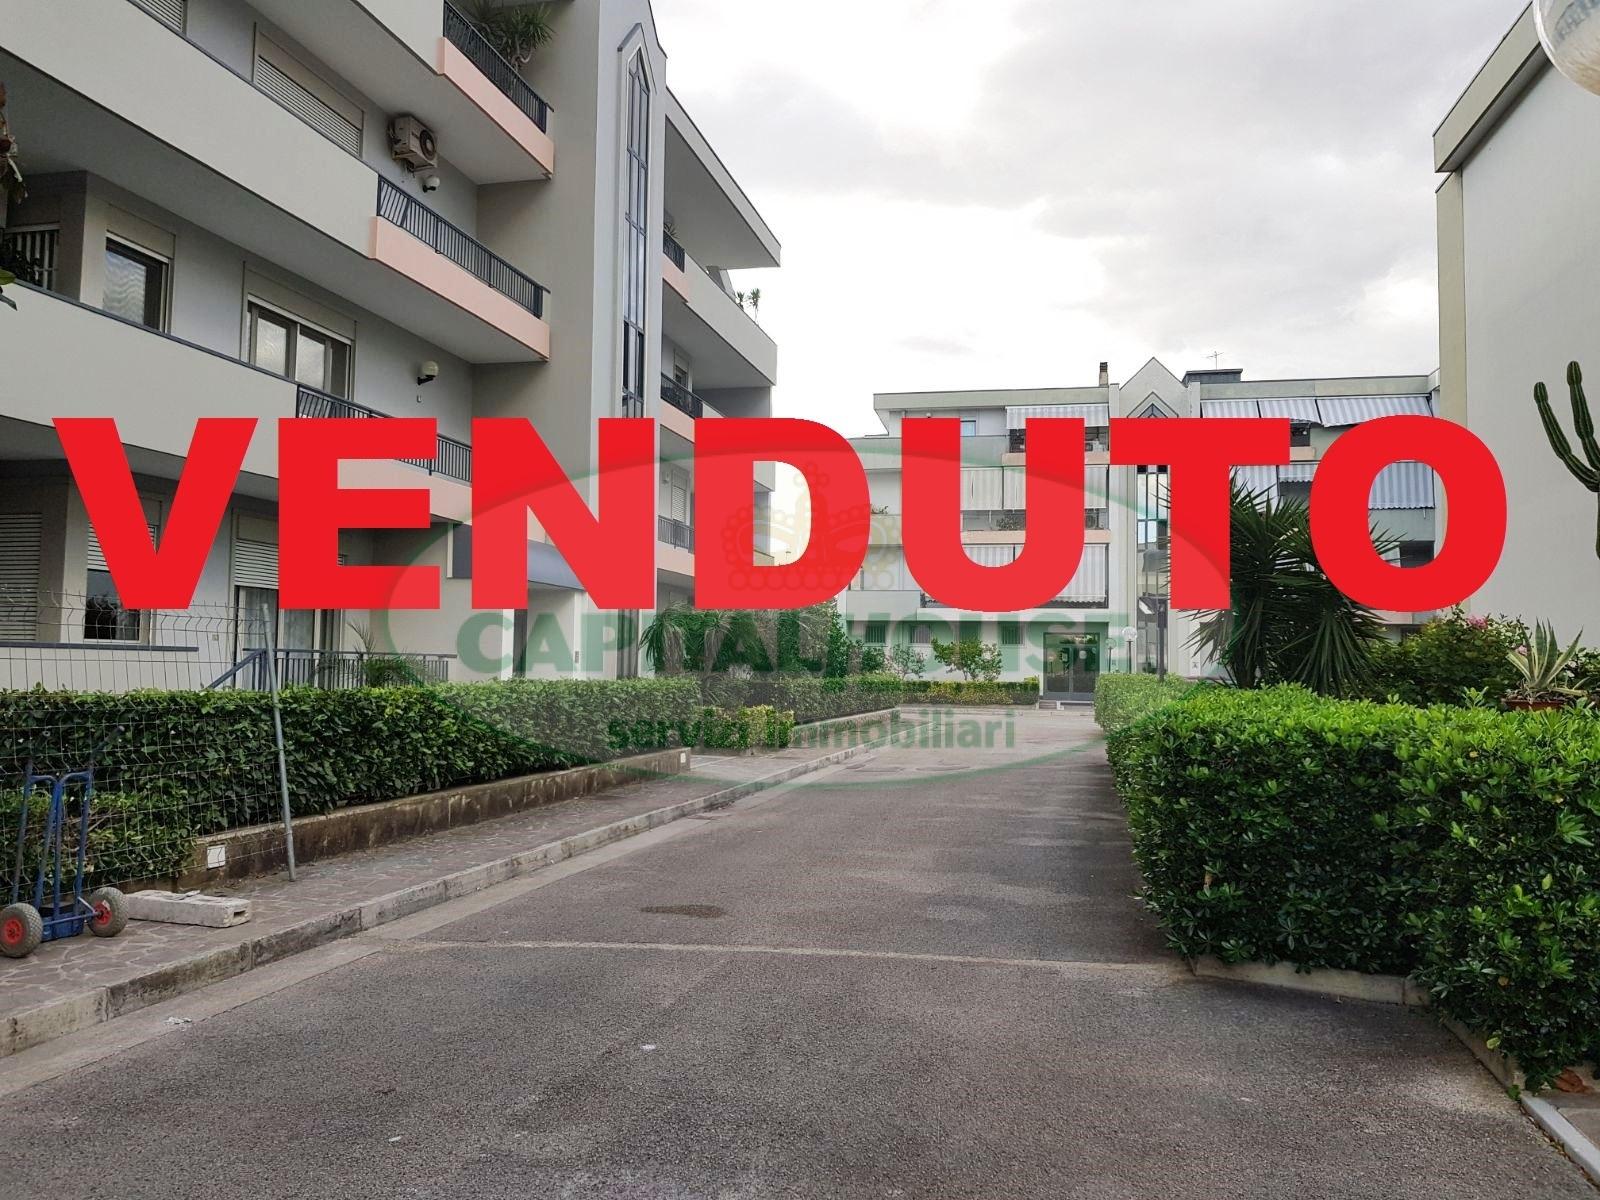 APPARTAMENTO IN VENDITA A CASERTA title=